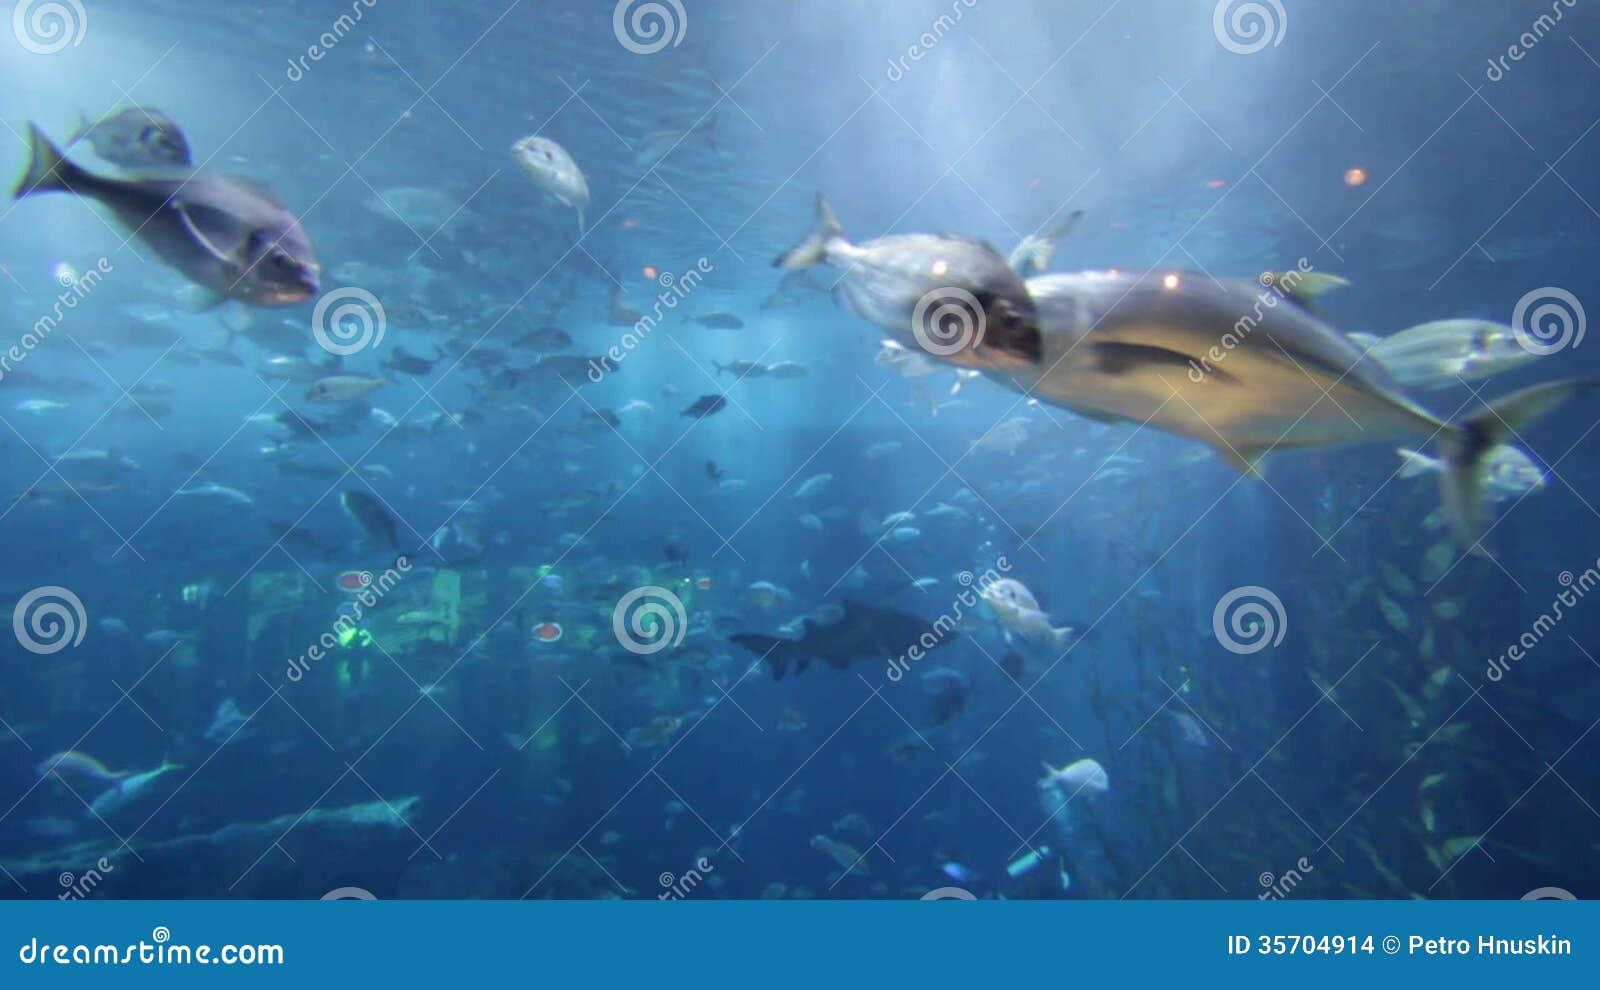 Board game aquarium video game dice dice png download 709*709.